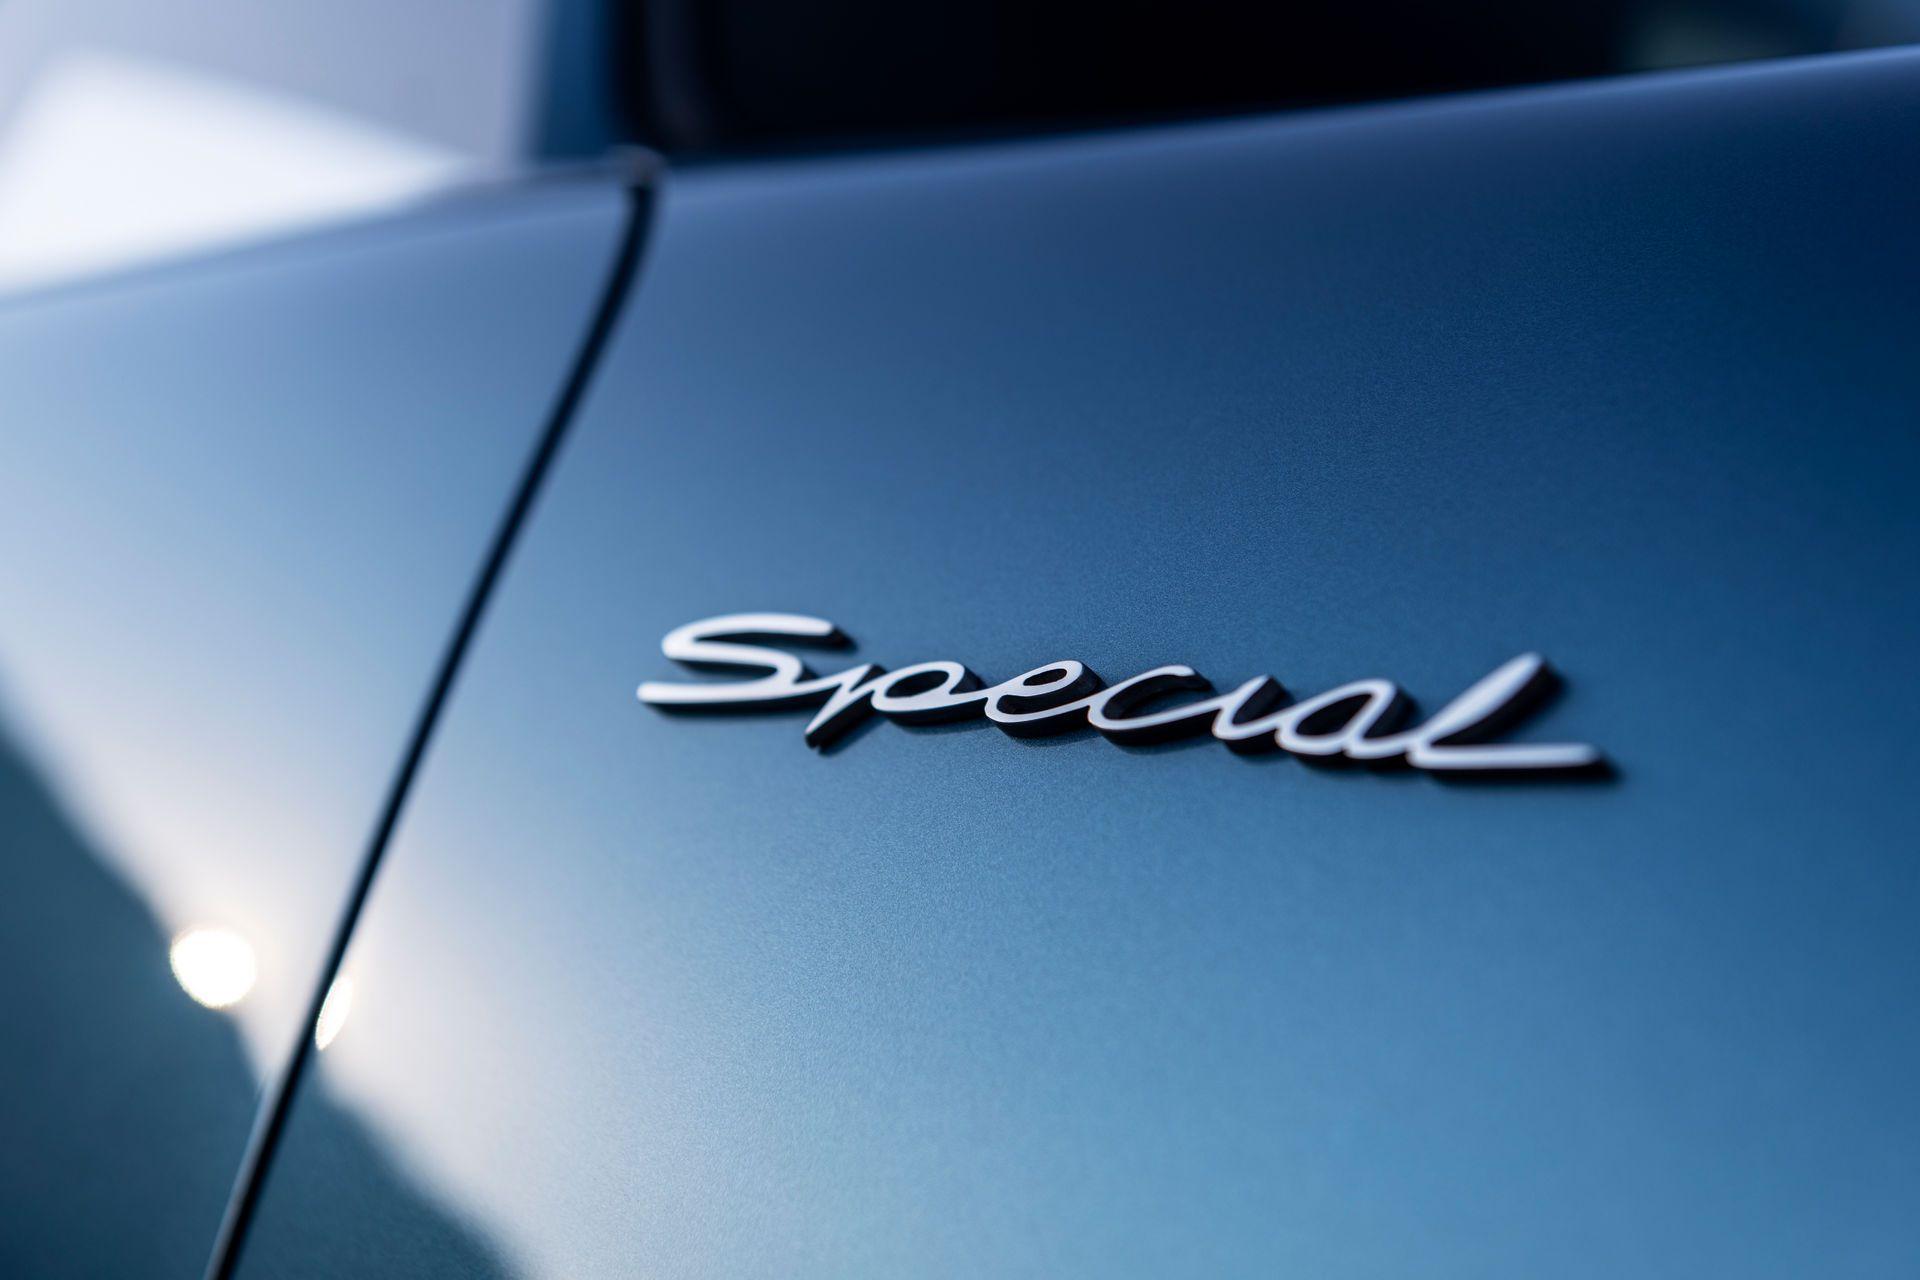 Porsche-356-A-Coupe-Restomod-Emory-Motorsports-77